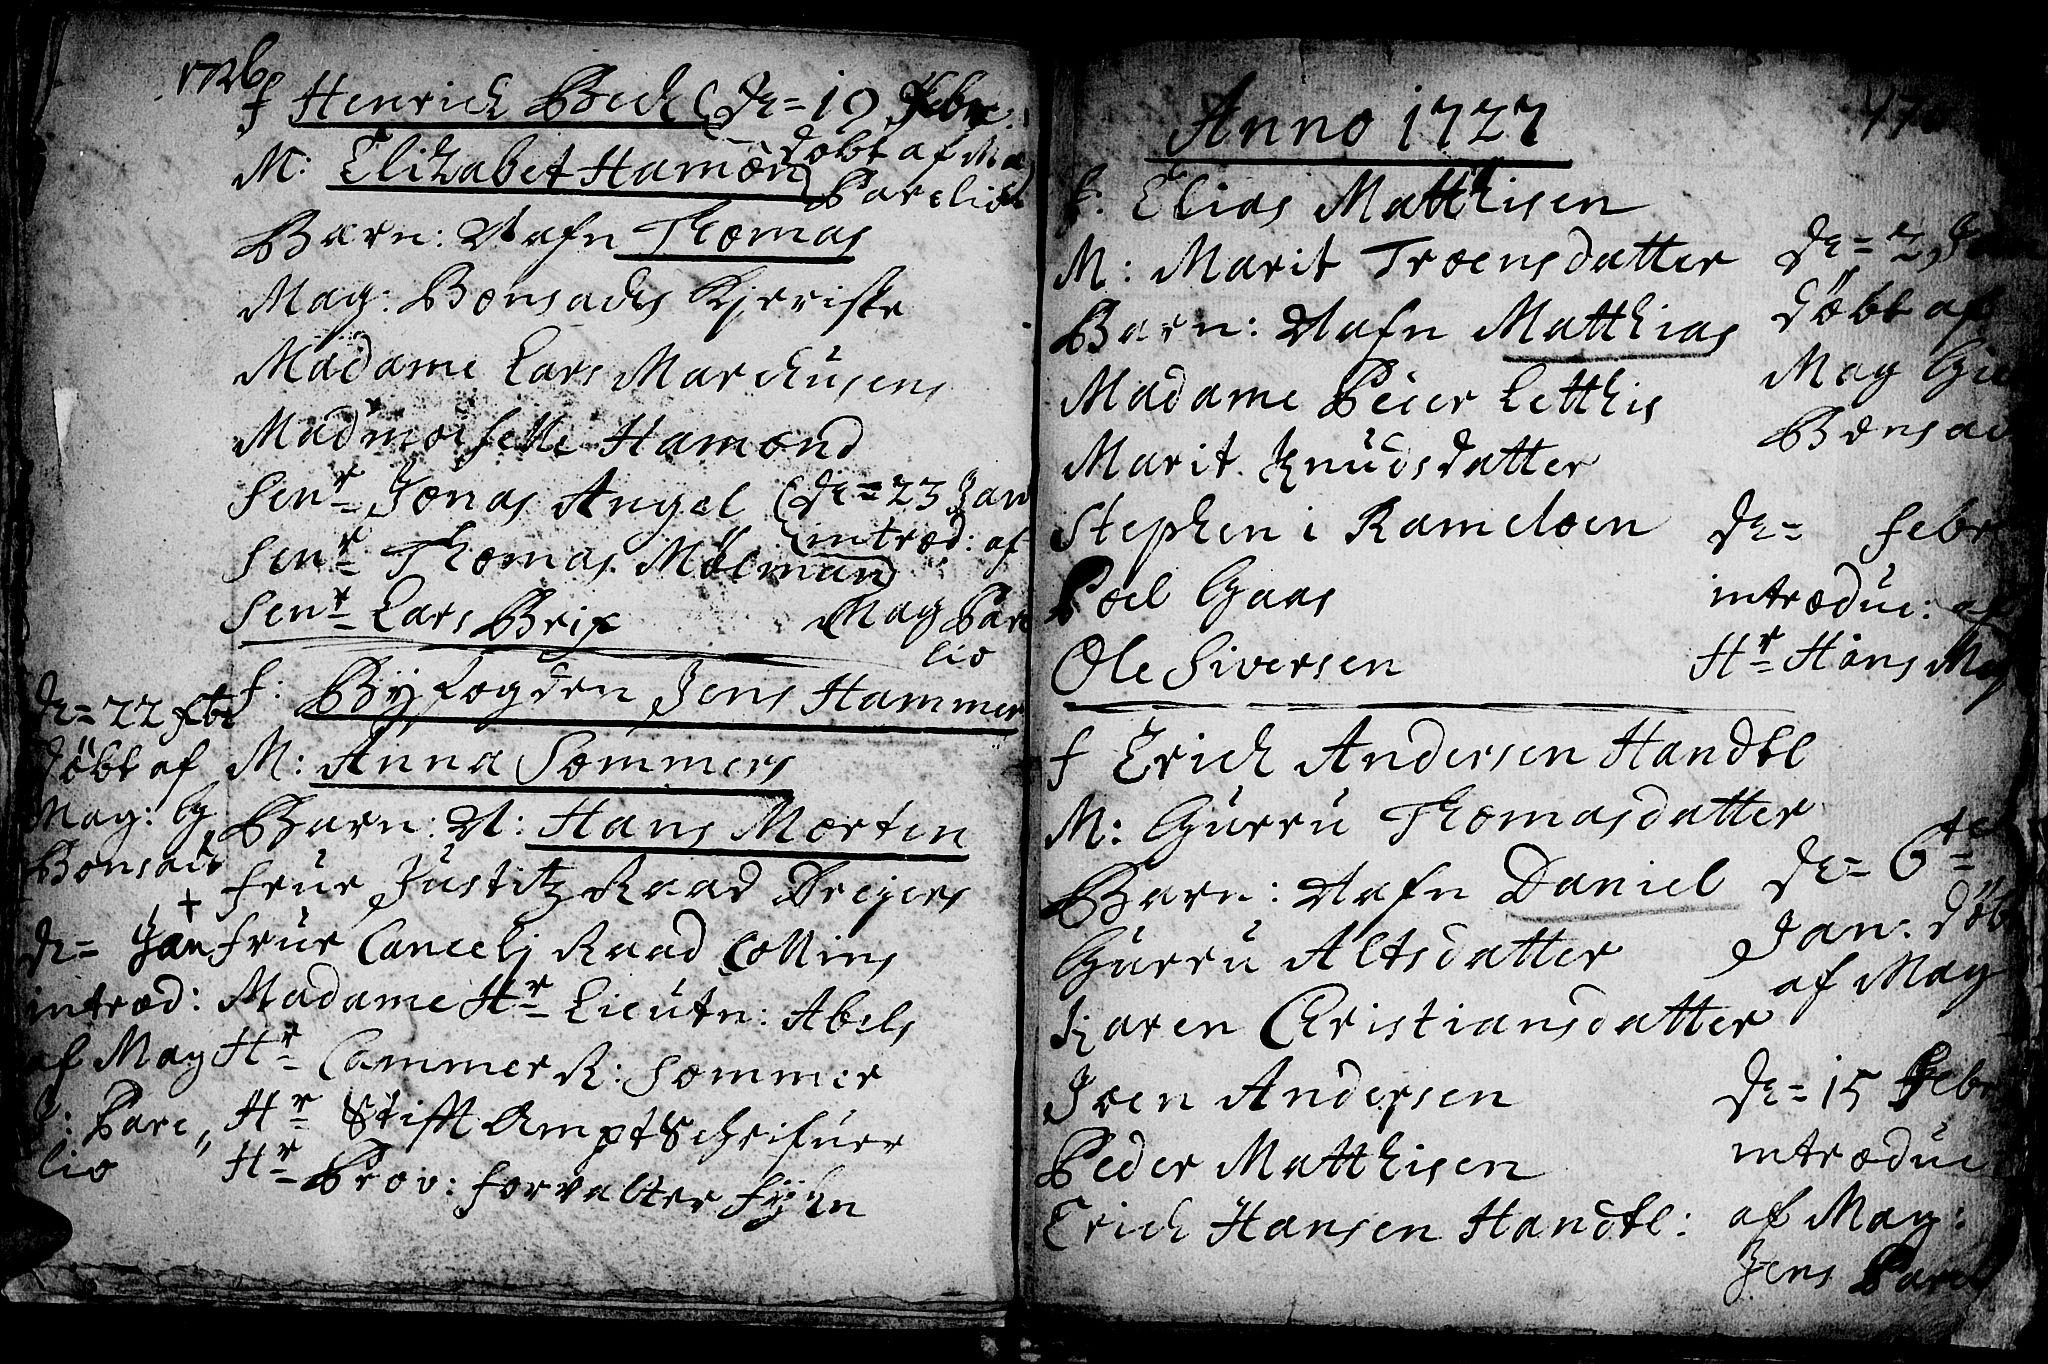 SAT, Ministerialprotokoller, klokkerbøker og fødselsregistre - Sør-Trøndelag, 601/L0035: Ministerialbok nr. 601A03, 1713-1728, s. 470